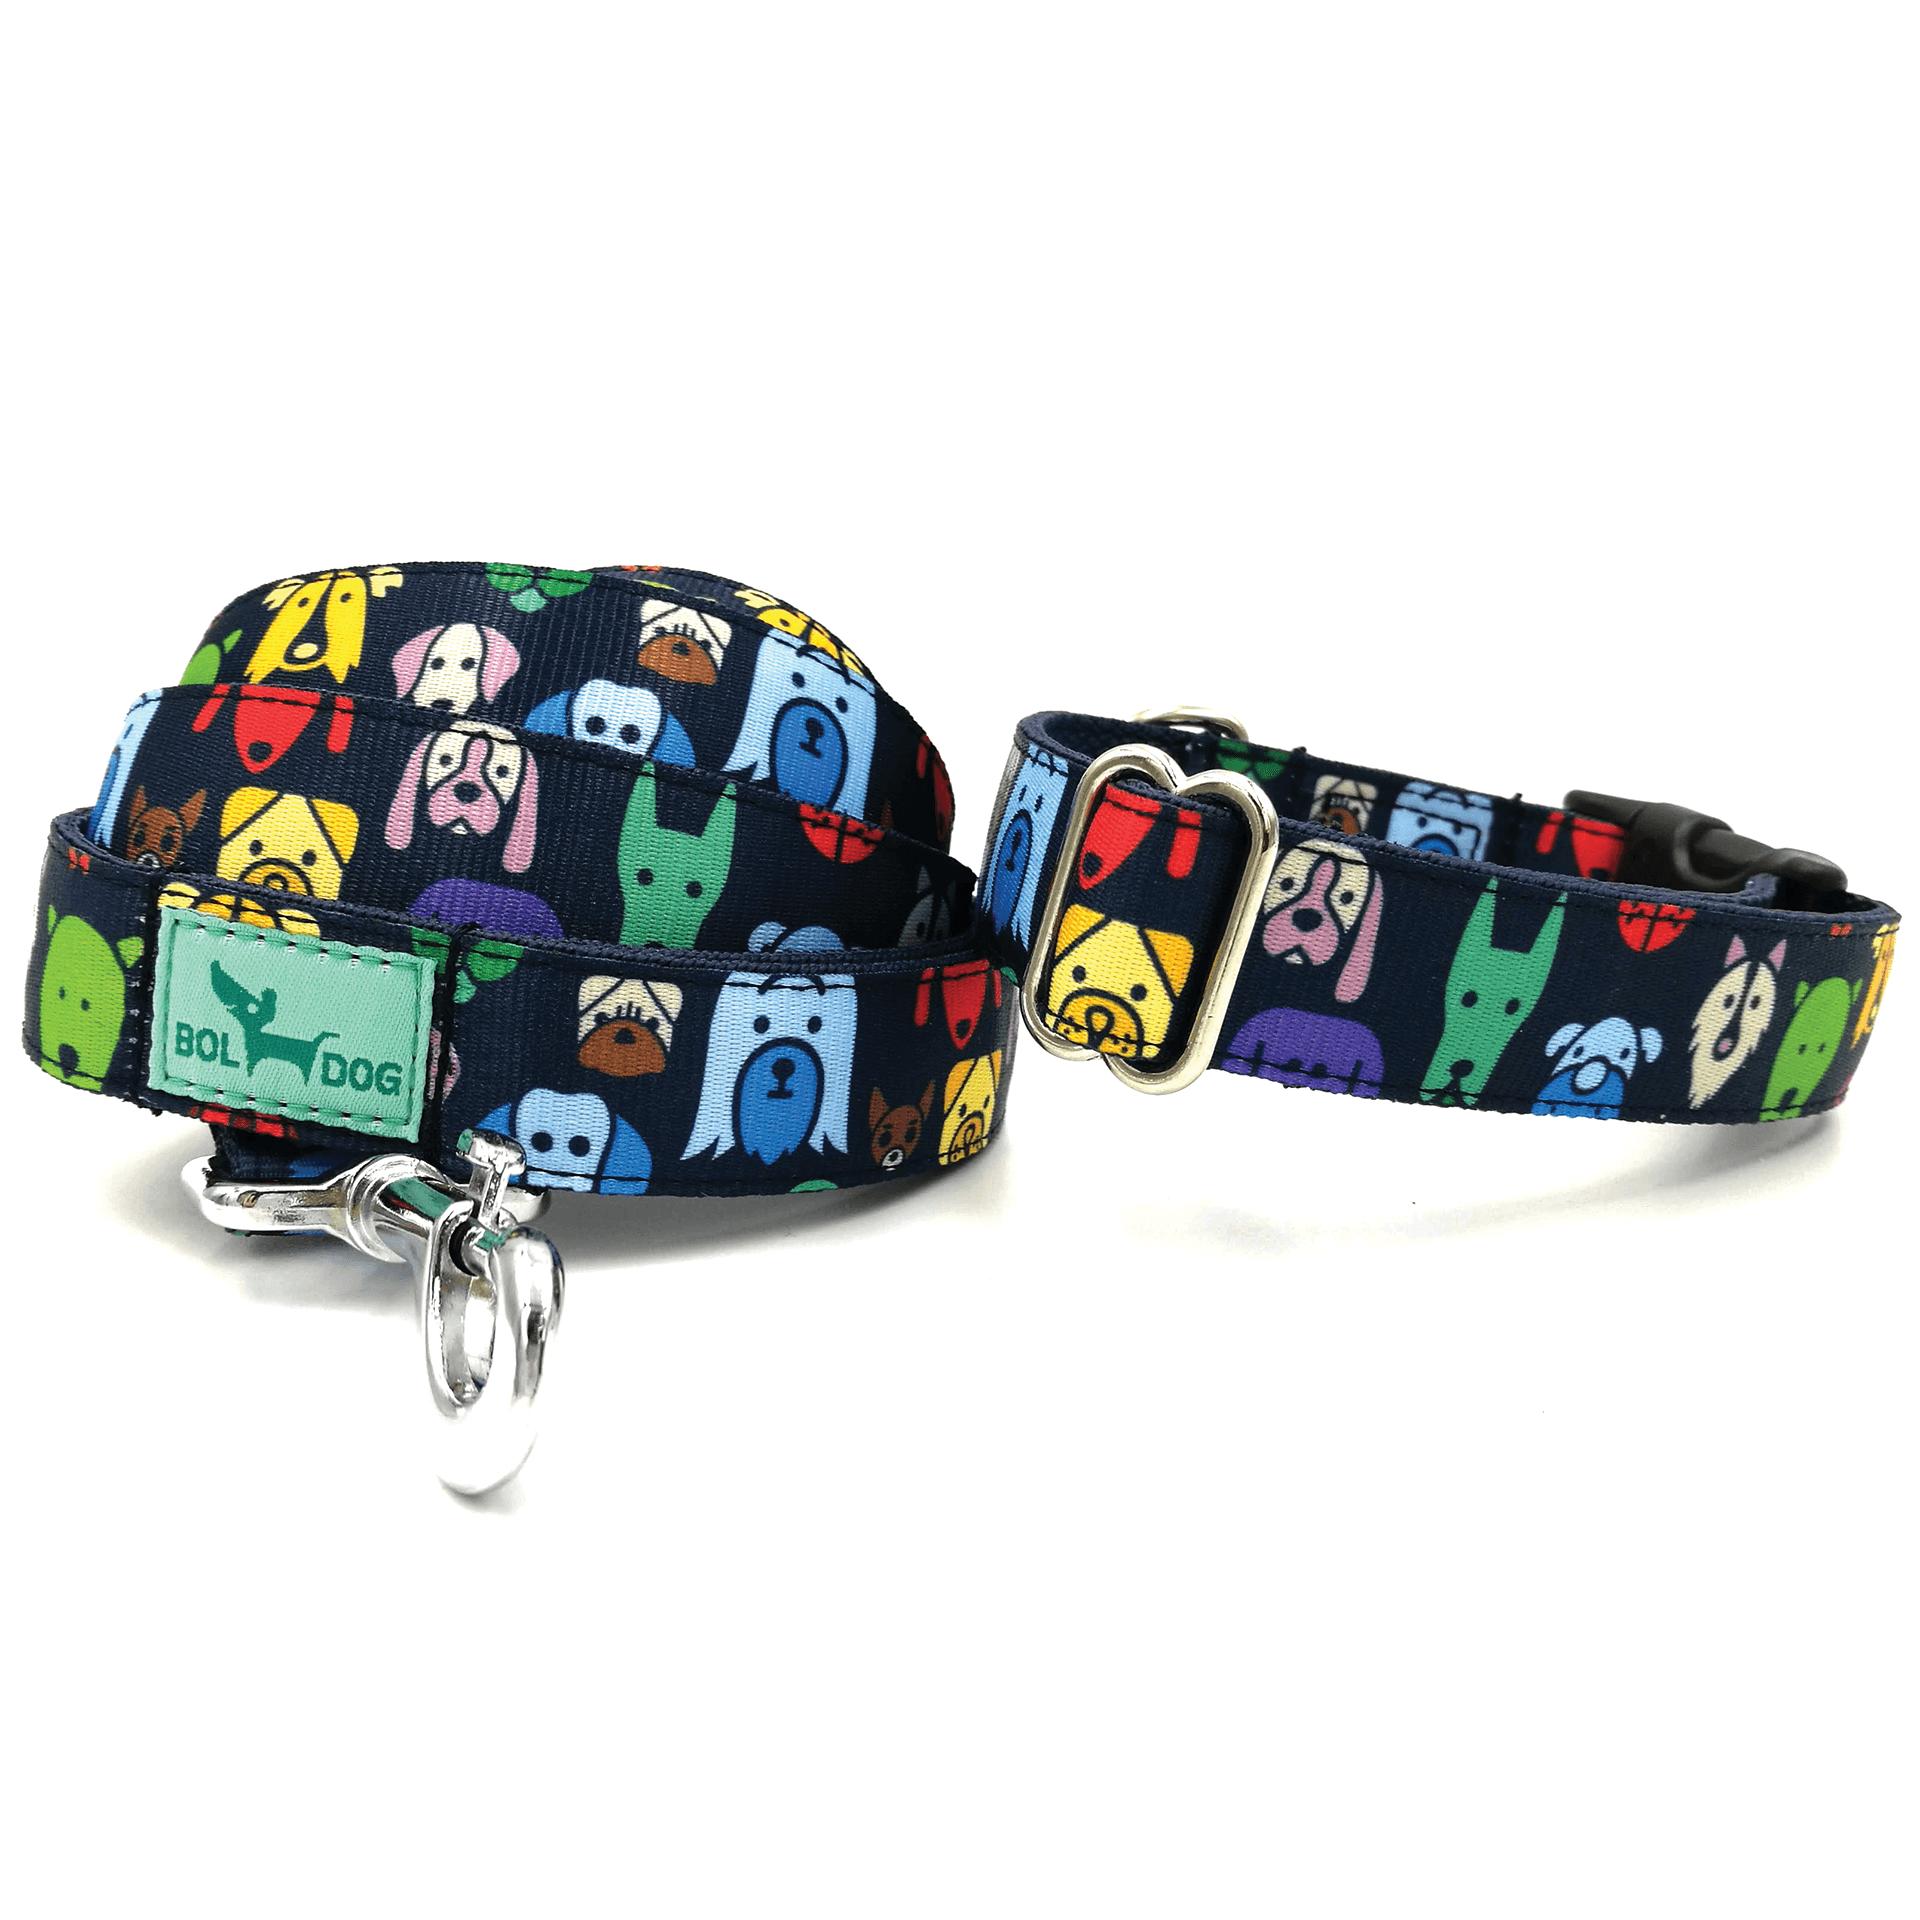 Kutya figurás Bol_Dog műanyag csatos textil kutya nyakörv és póráz